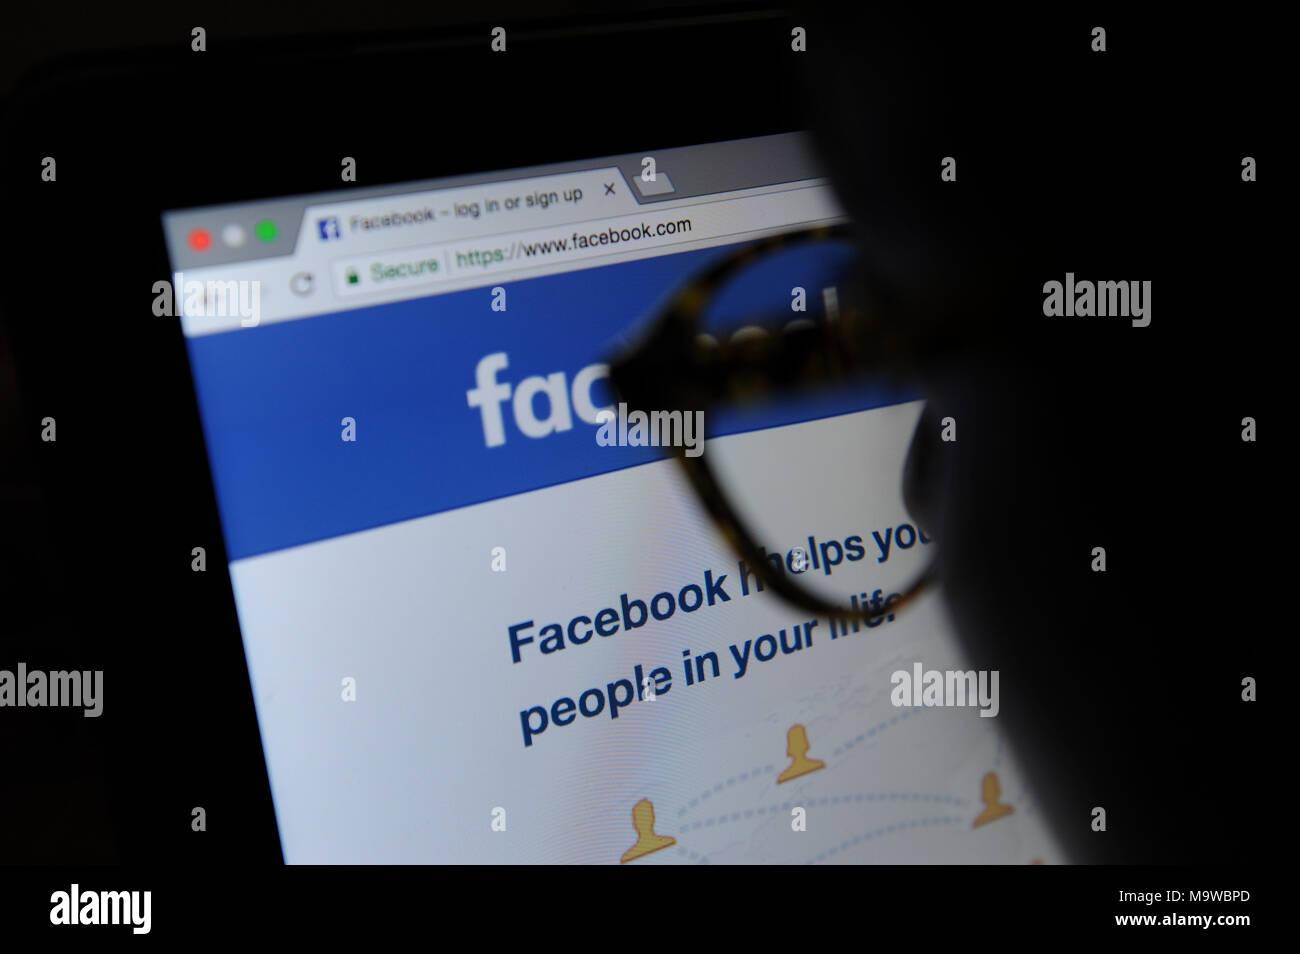 Com login facebook www mobile Facebook on